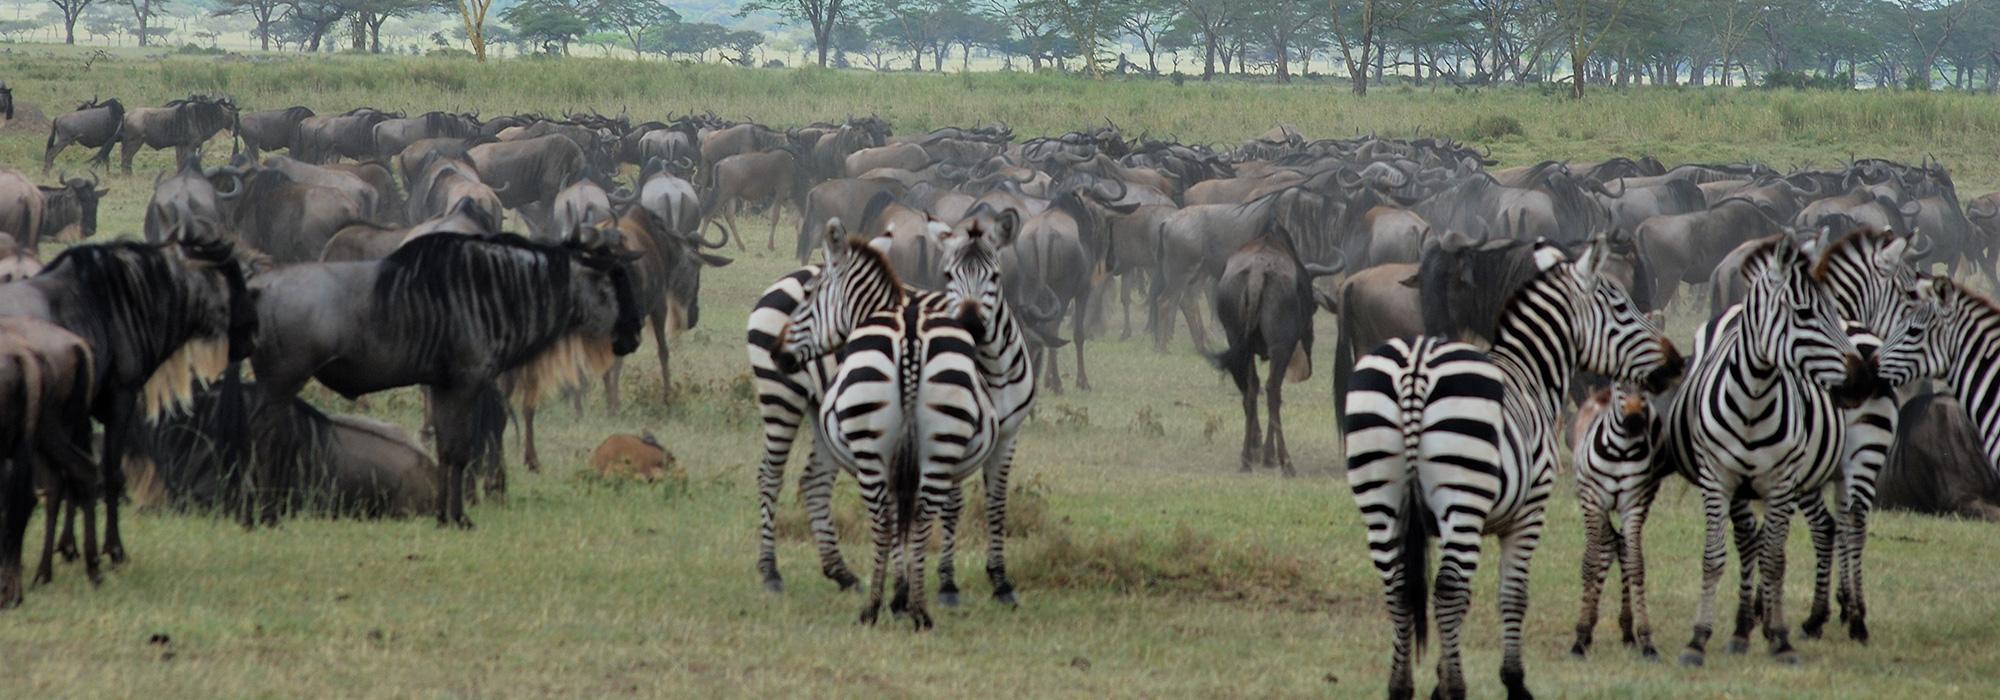 Migration in Tanzania